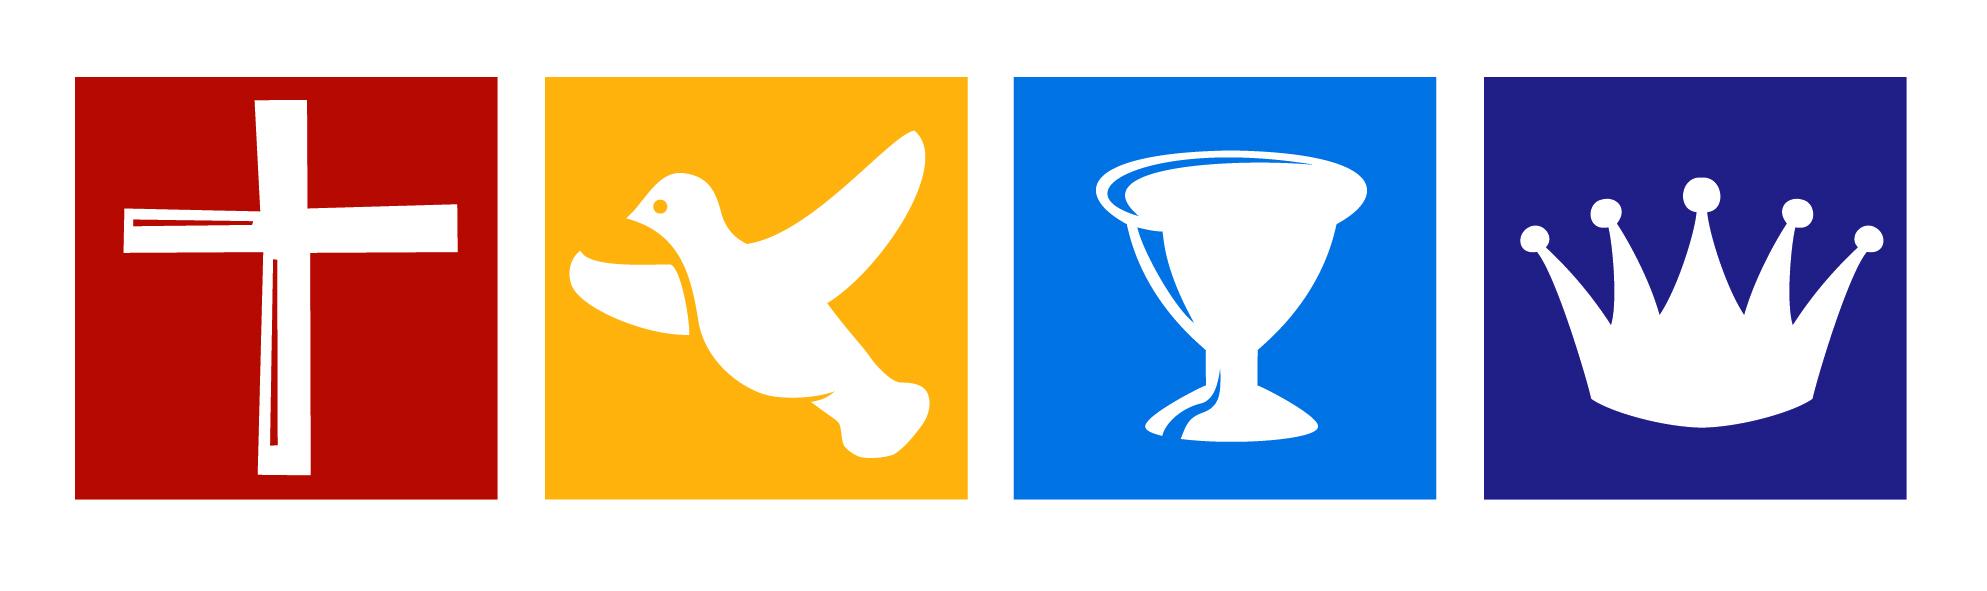 Foursquare Logo Horizontal copy.jpg